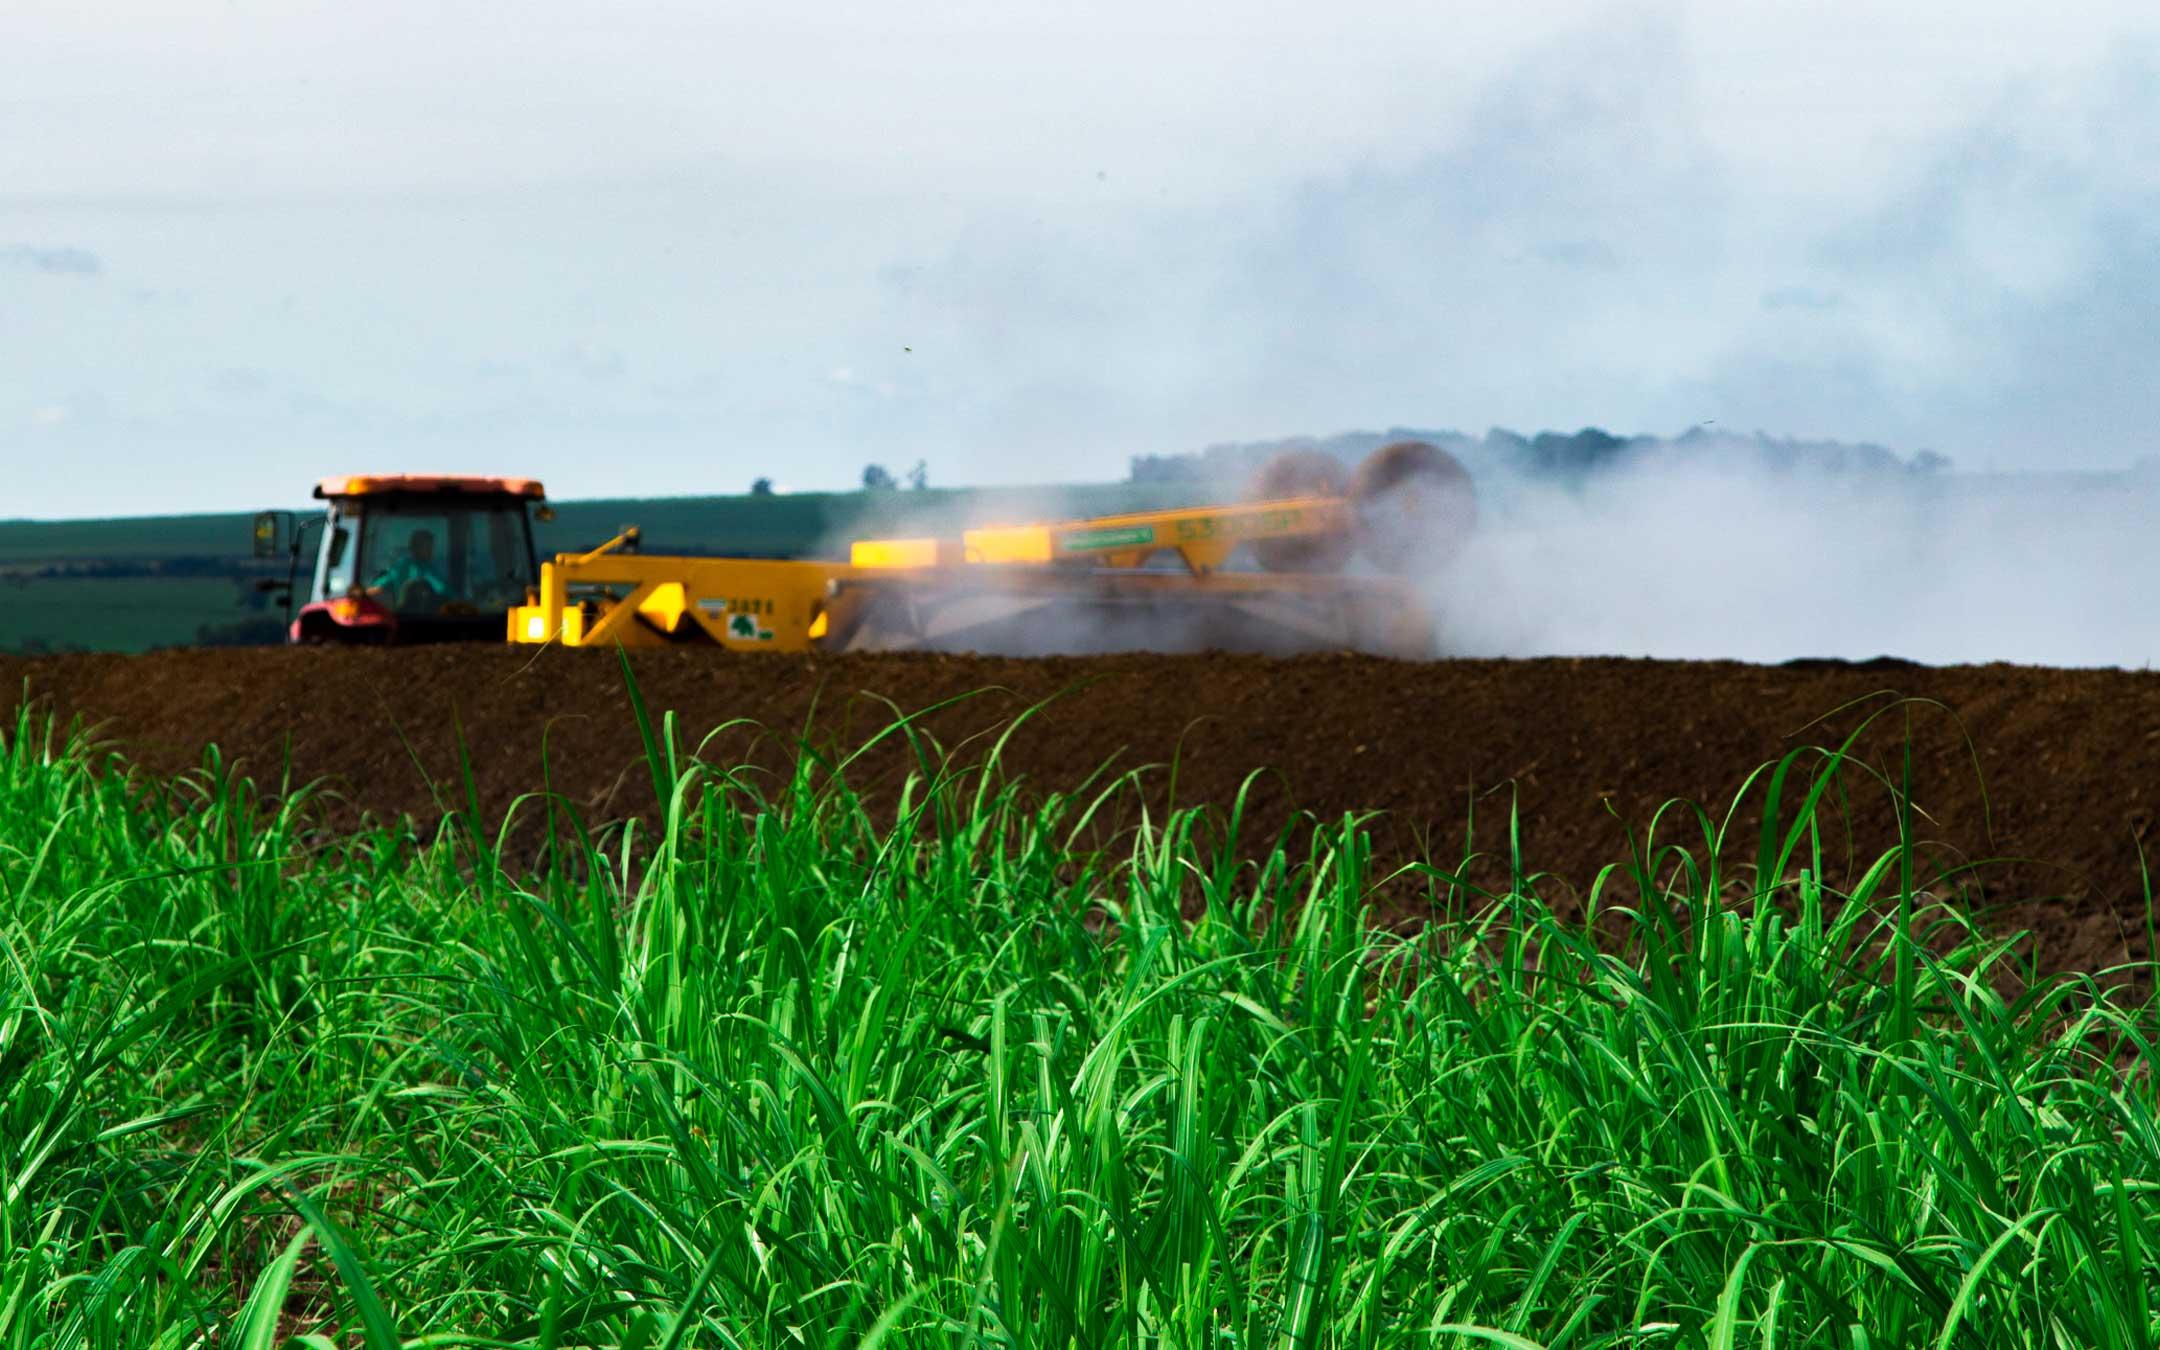 Agro fotografia - Processo de revolvimento